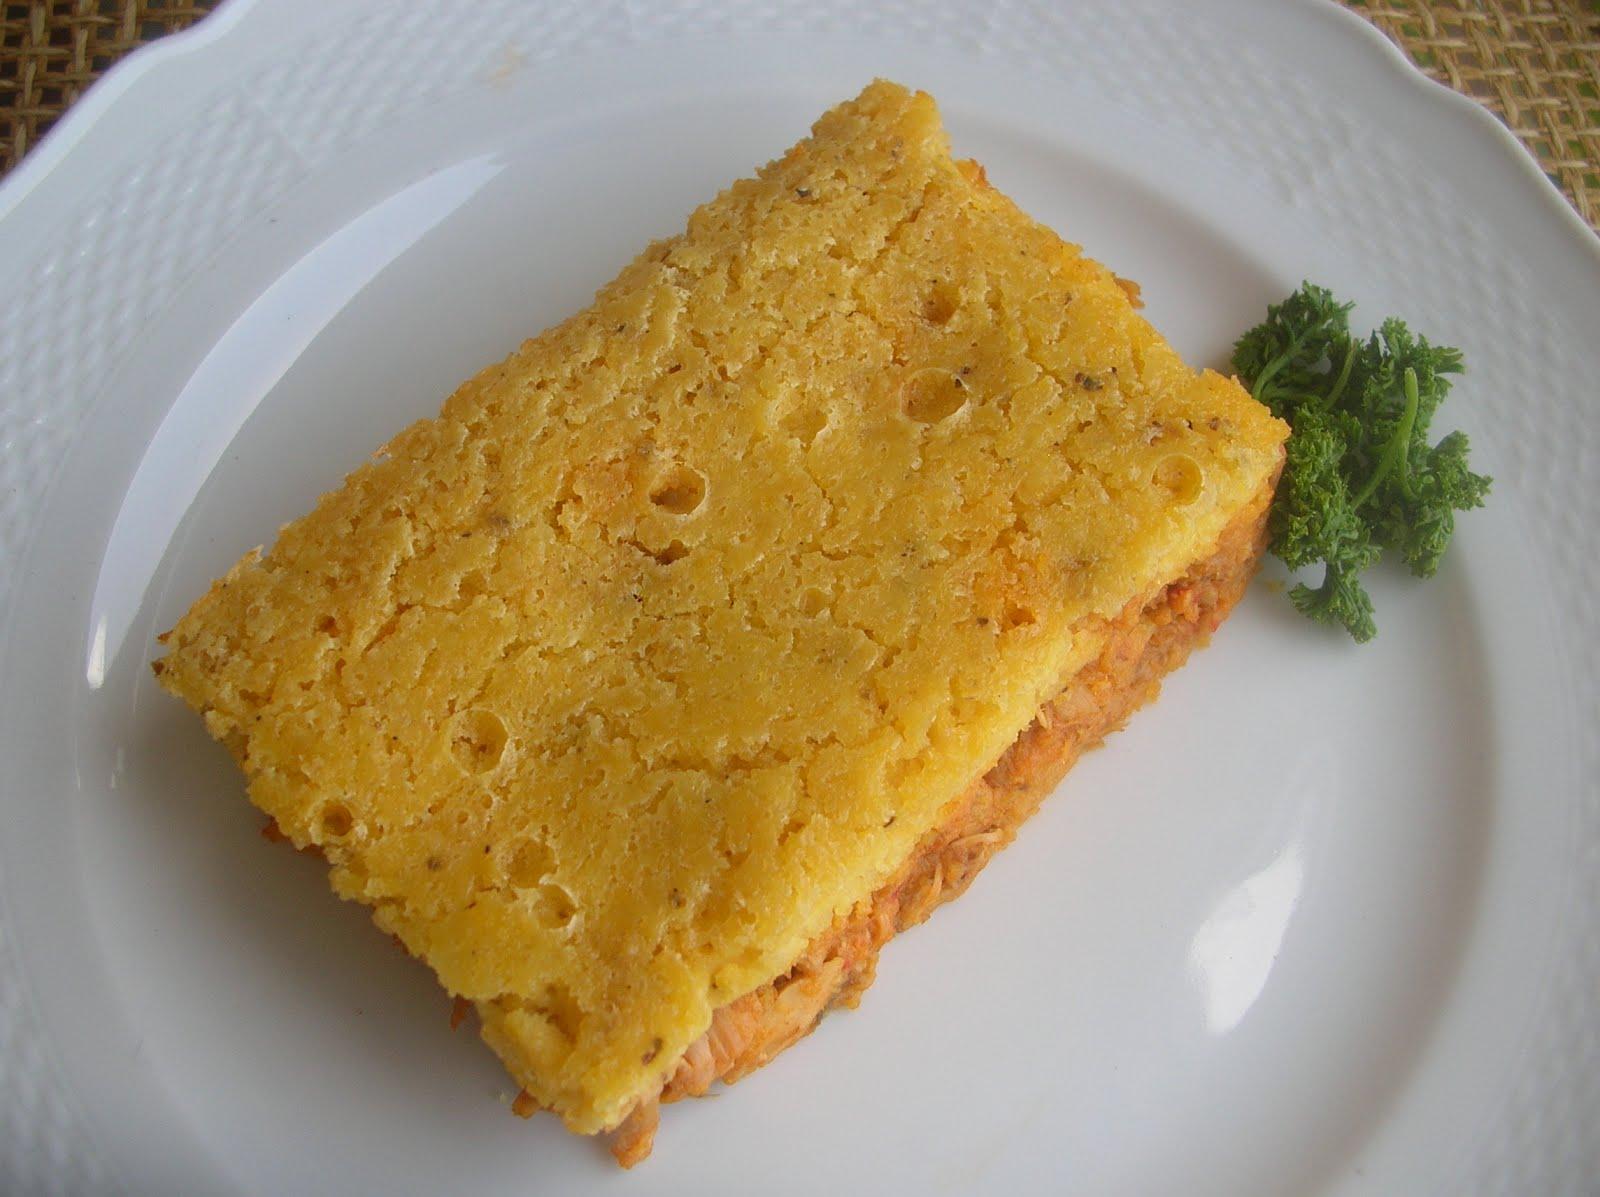 Polenta de maíz pilao rellena con pollo